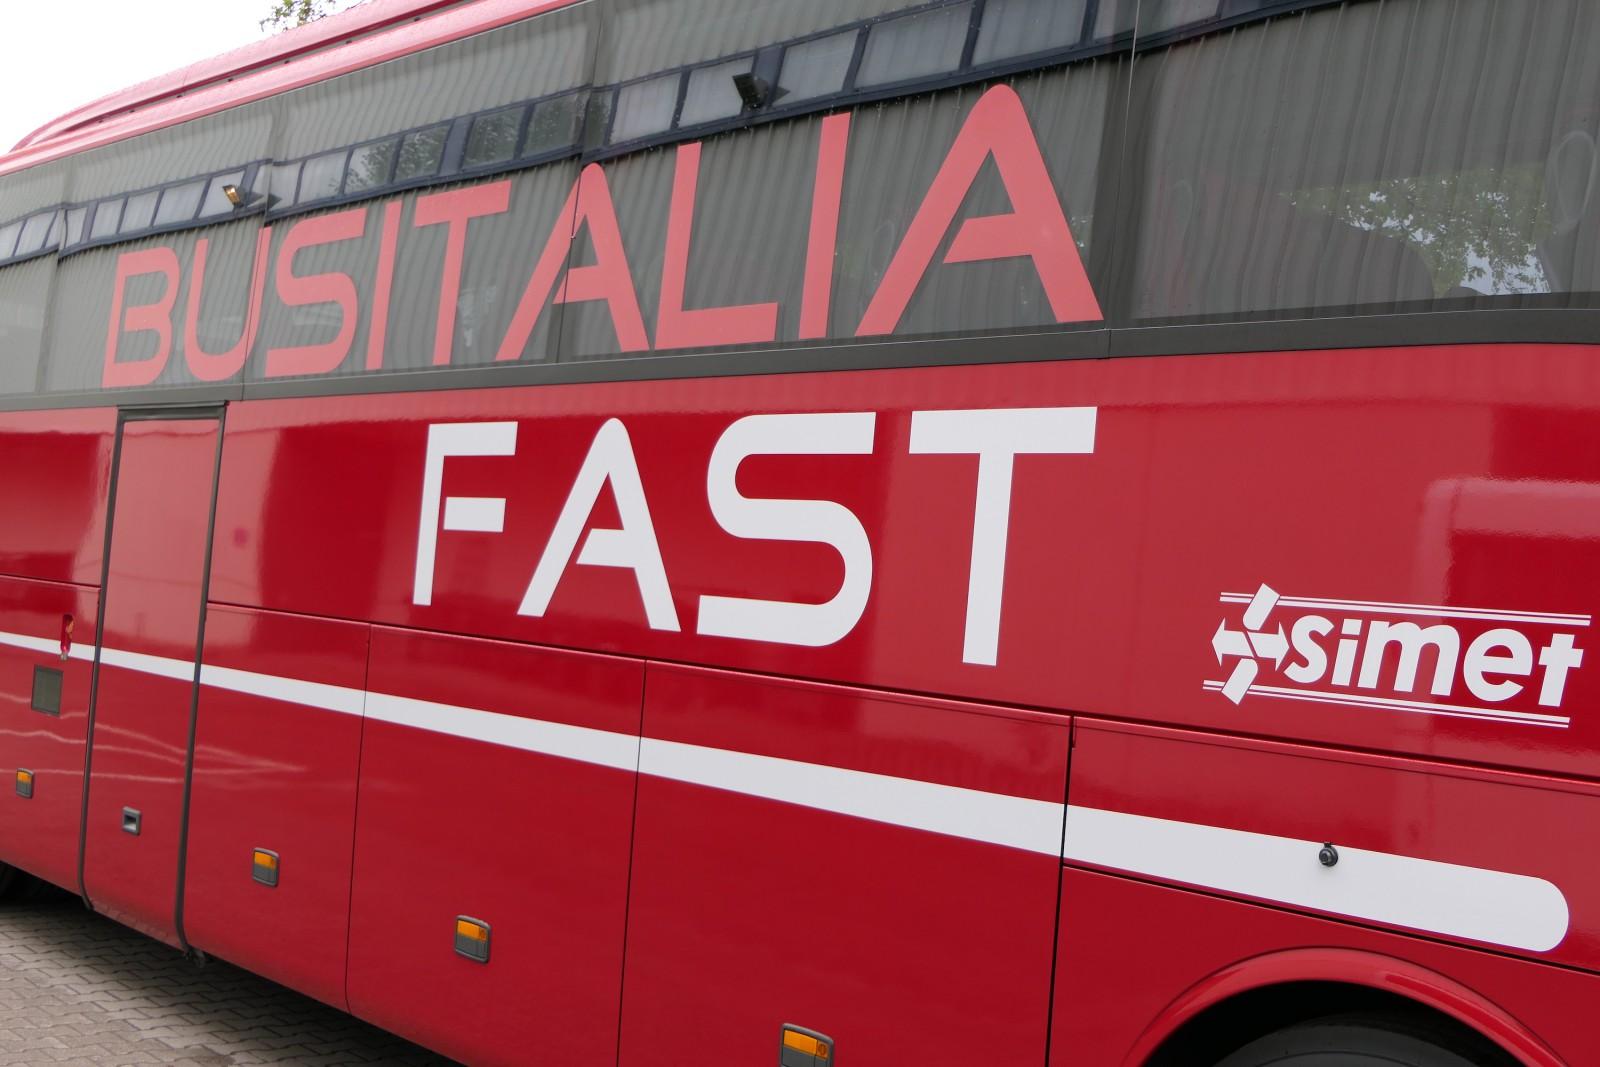 Busitalia Fast ed Isilines